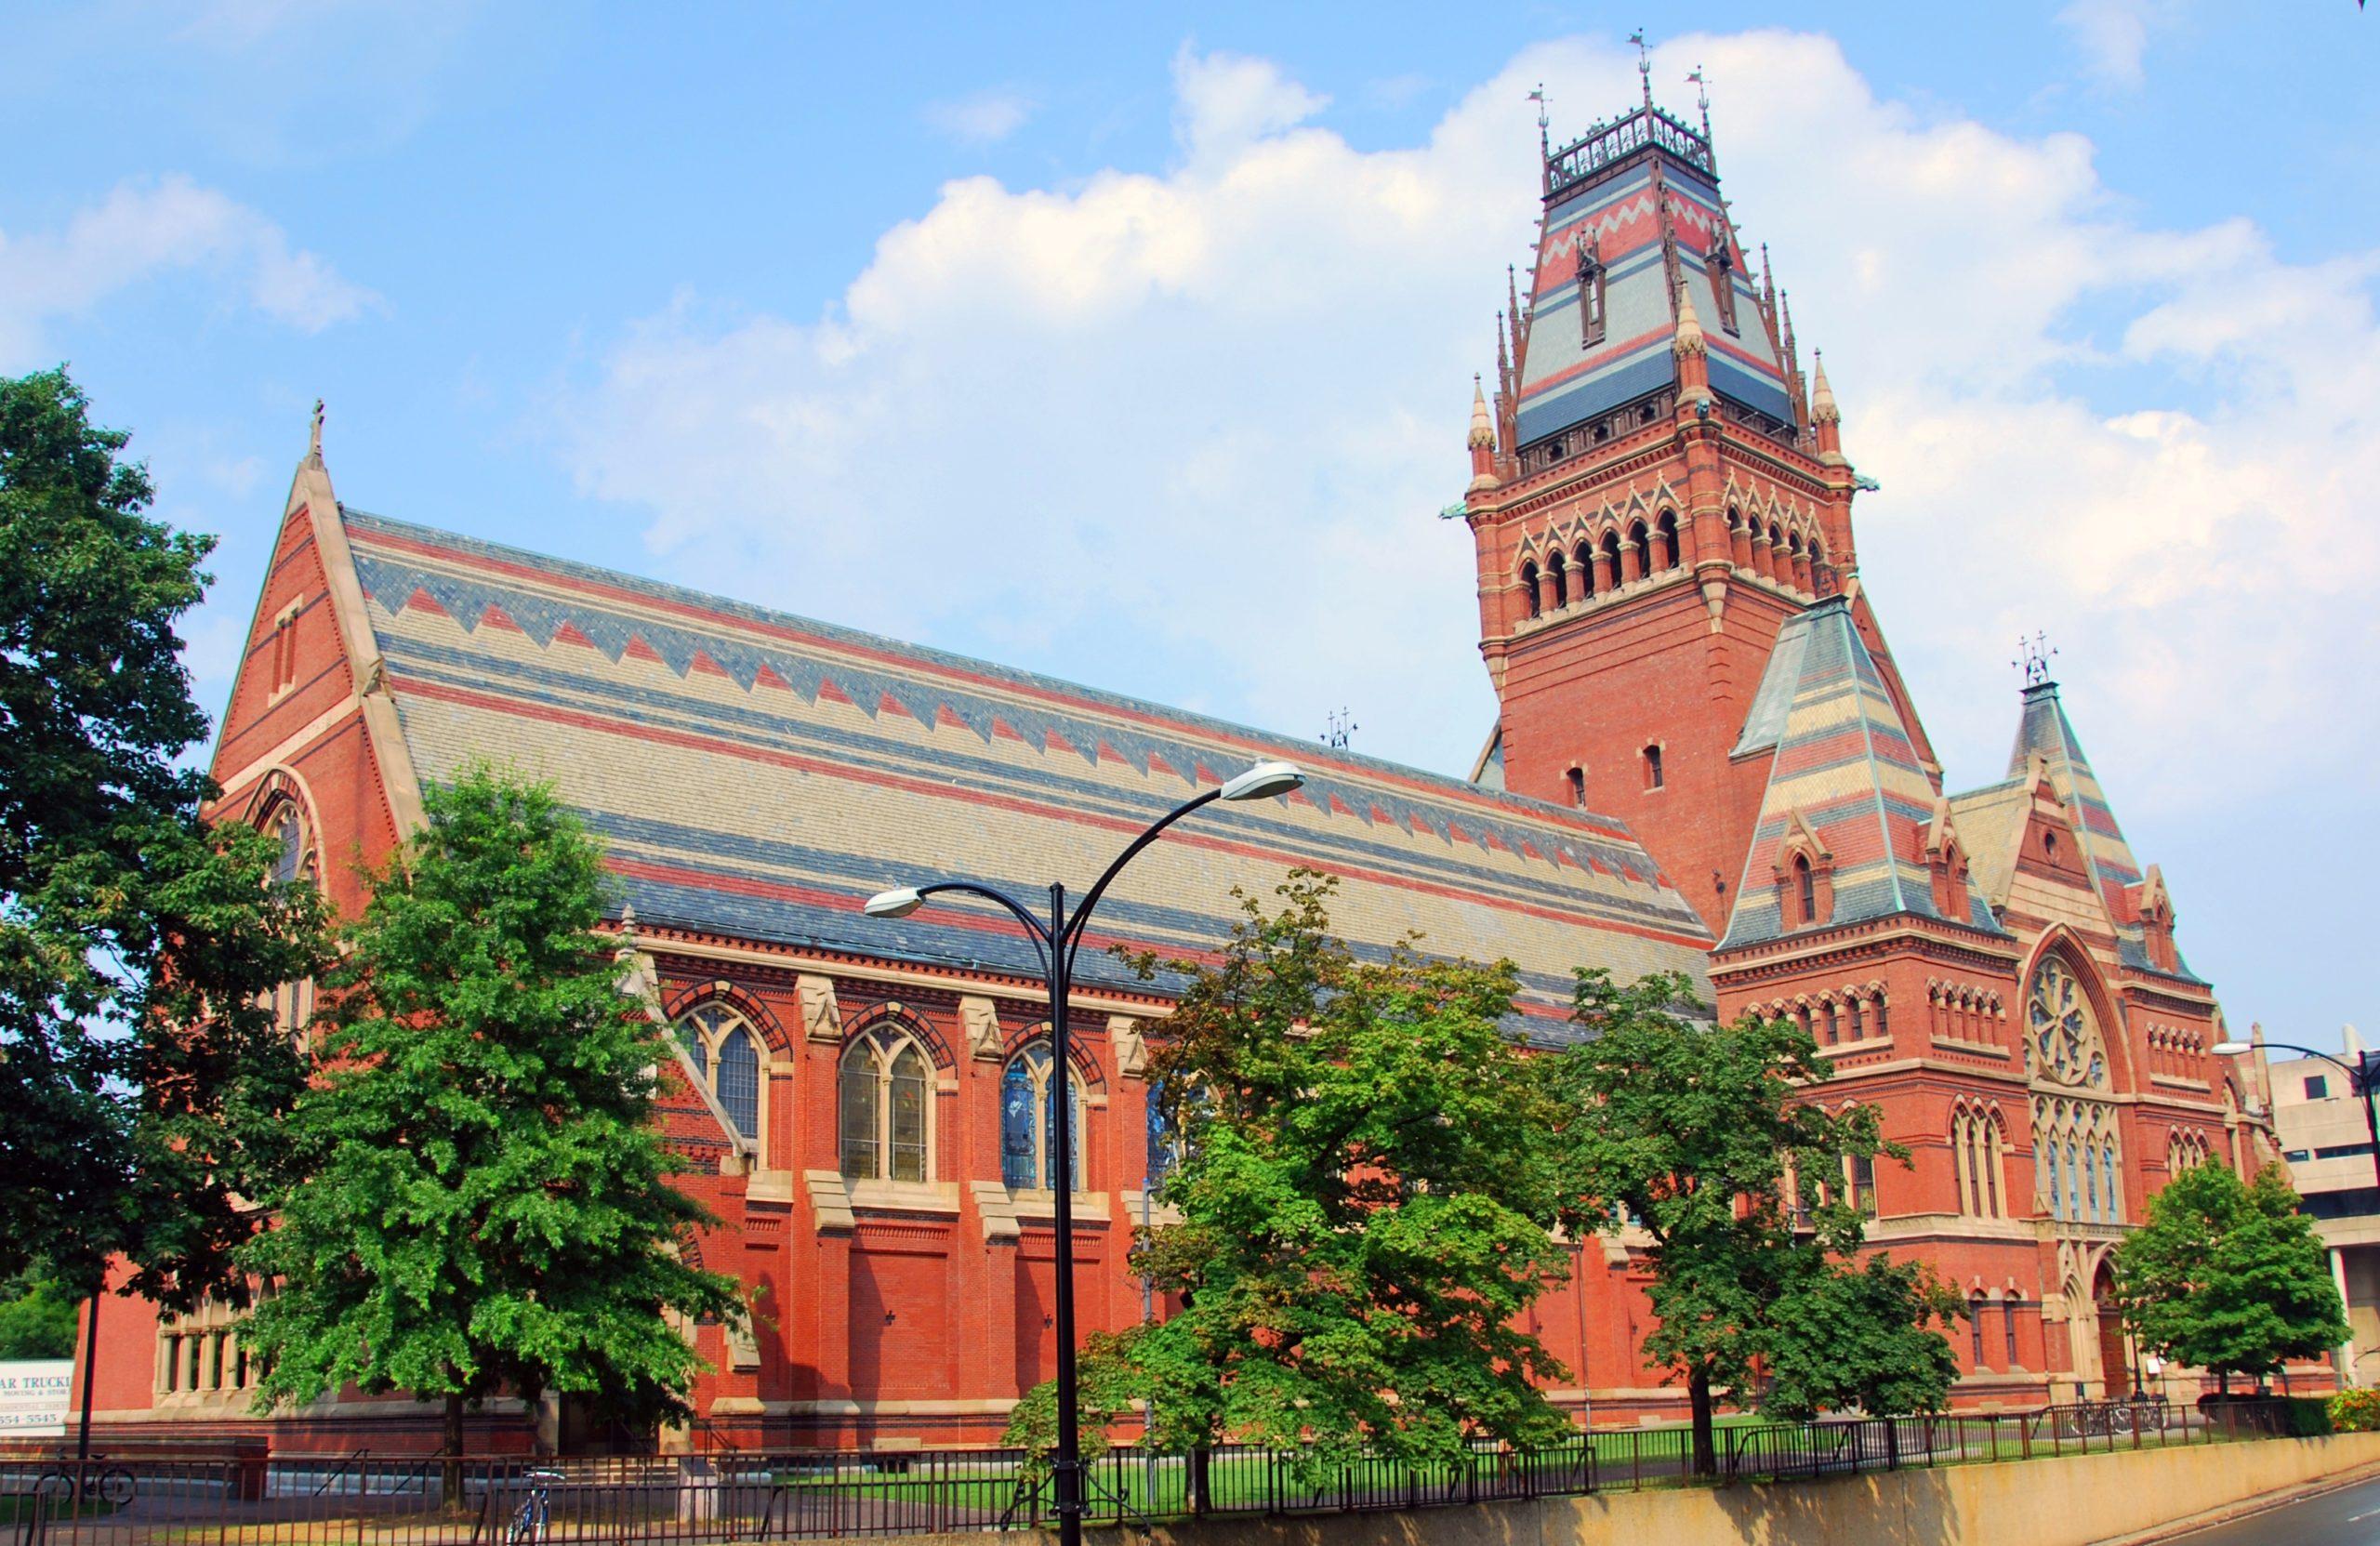 Harvard's Sanders Theatre